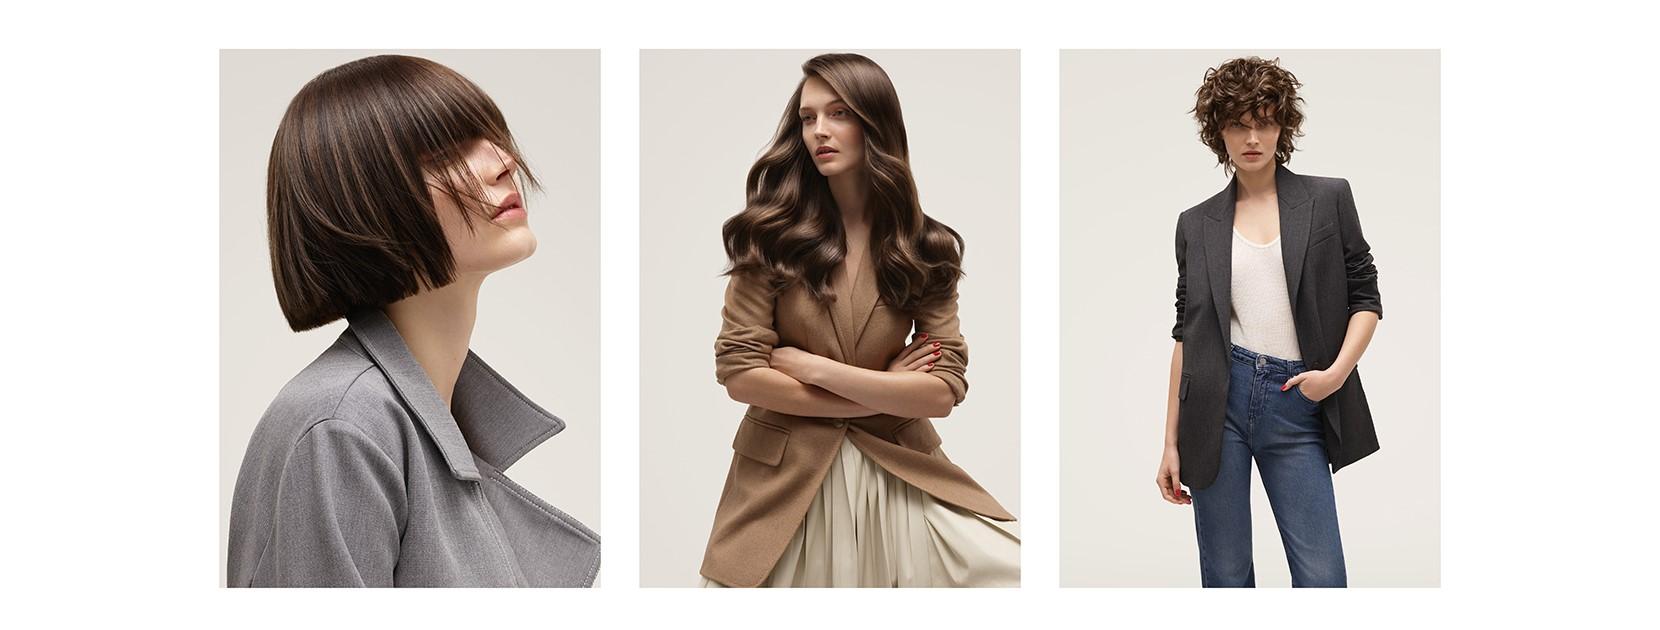 Découvrez les tendances coiffure de la saison automne-hiver 2020/2021